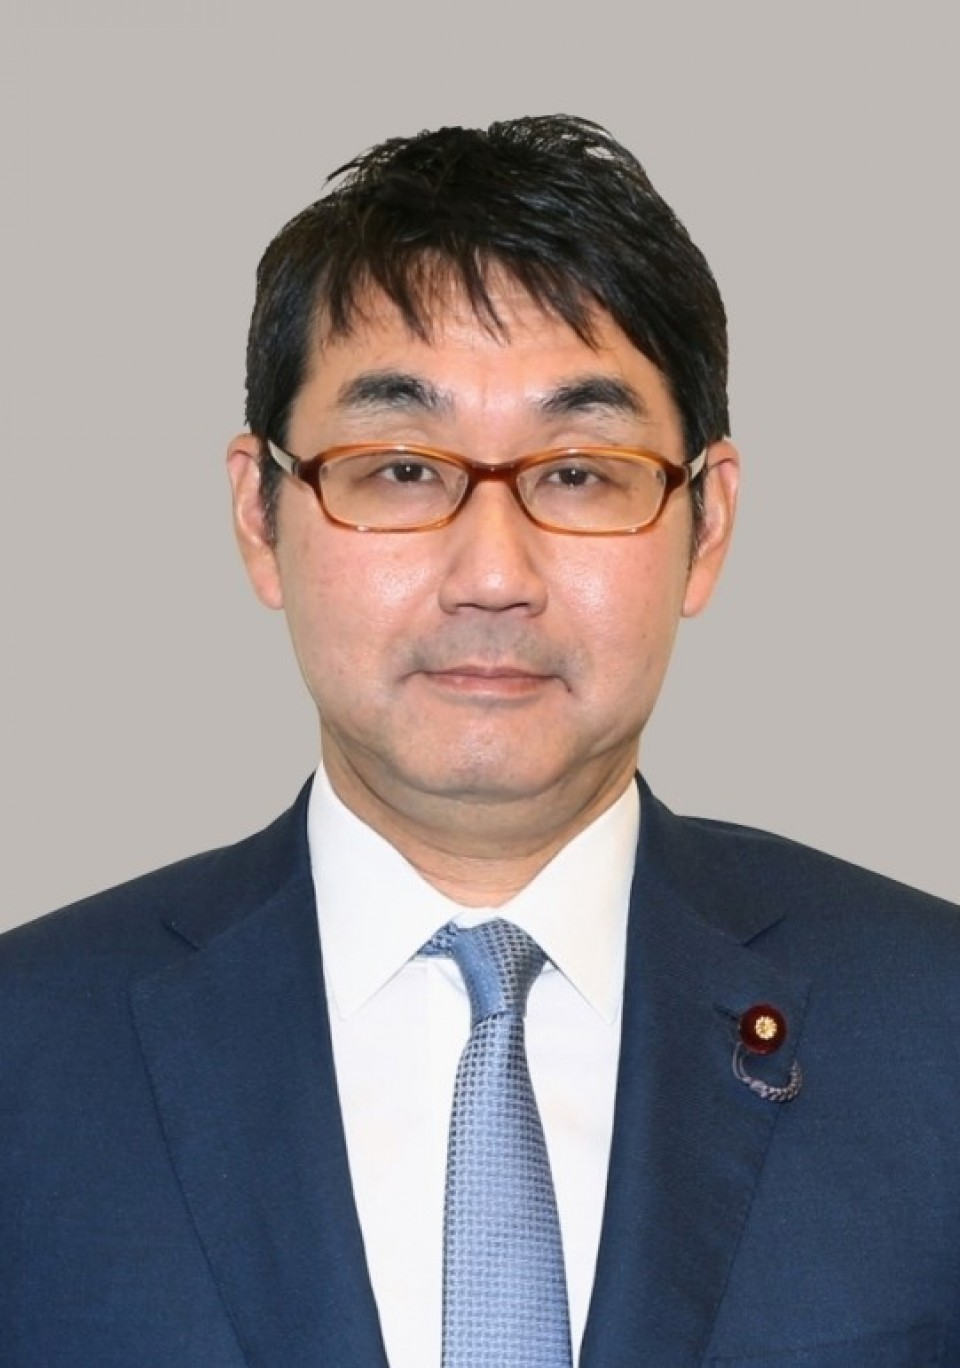 जापानका पूर्व न्यायमन्त्रीलाई भोट खरिद मुद्दामा ४ बर्षको जेल सजाय माग